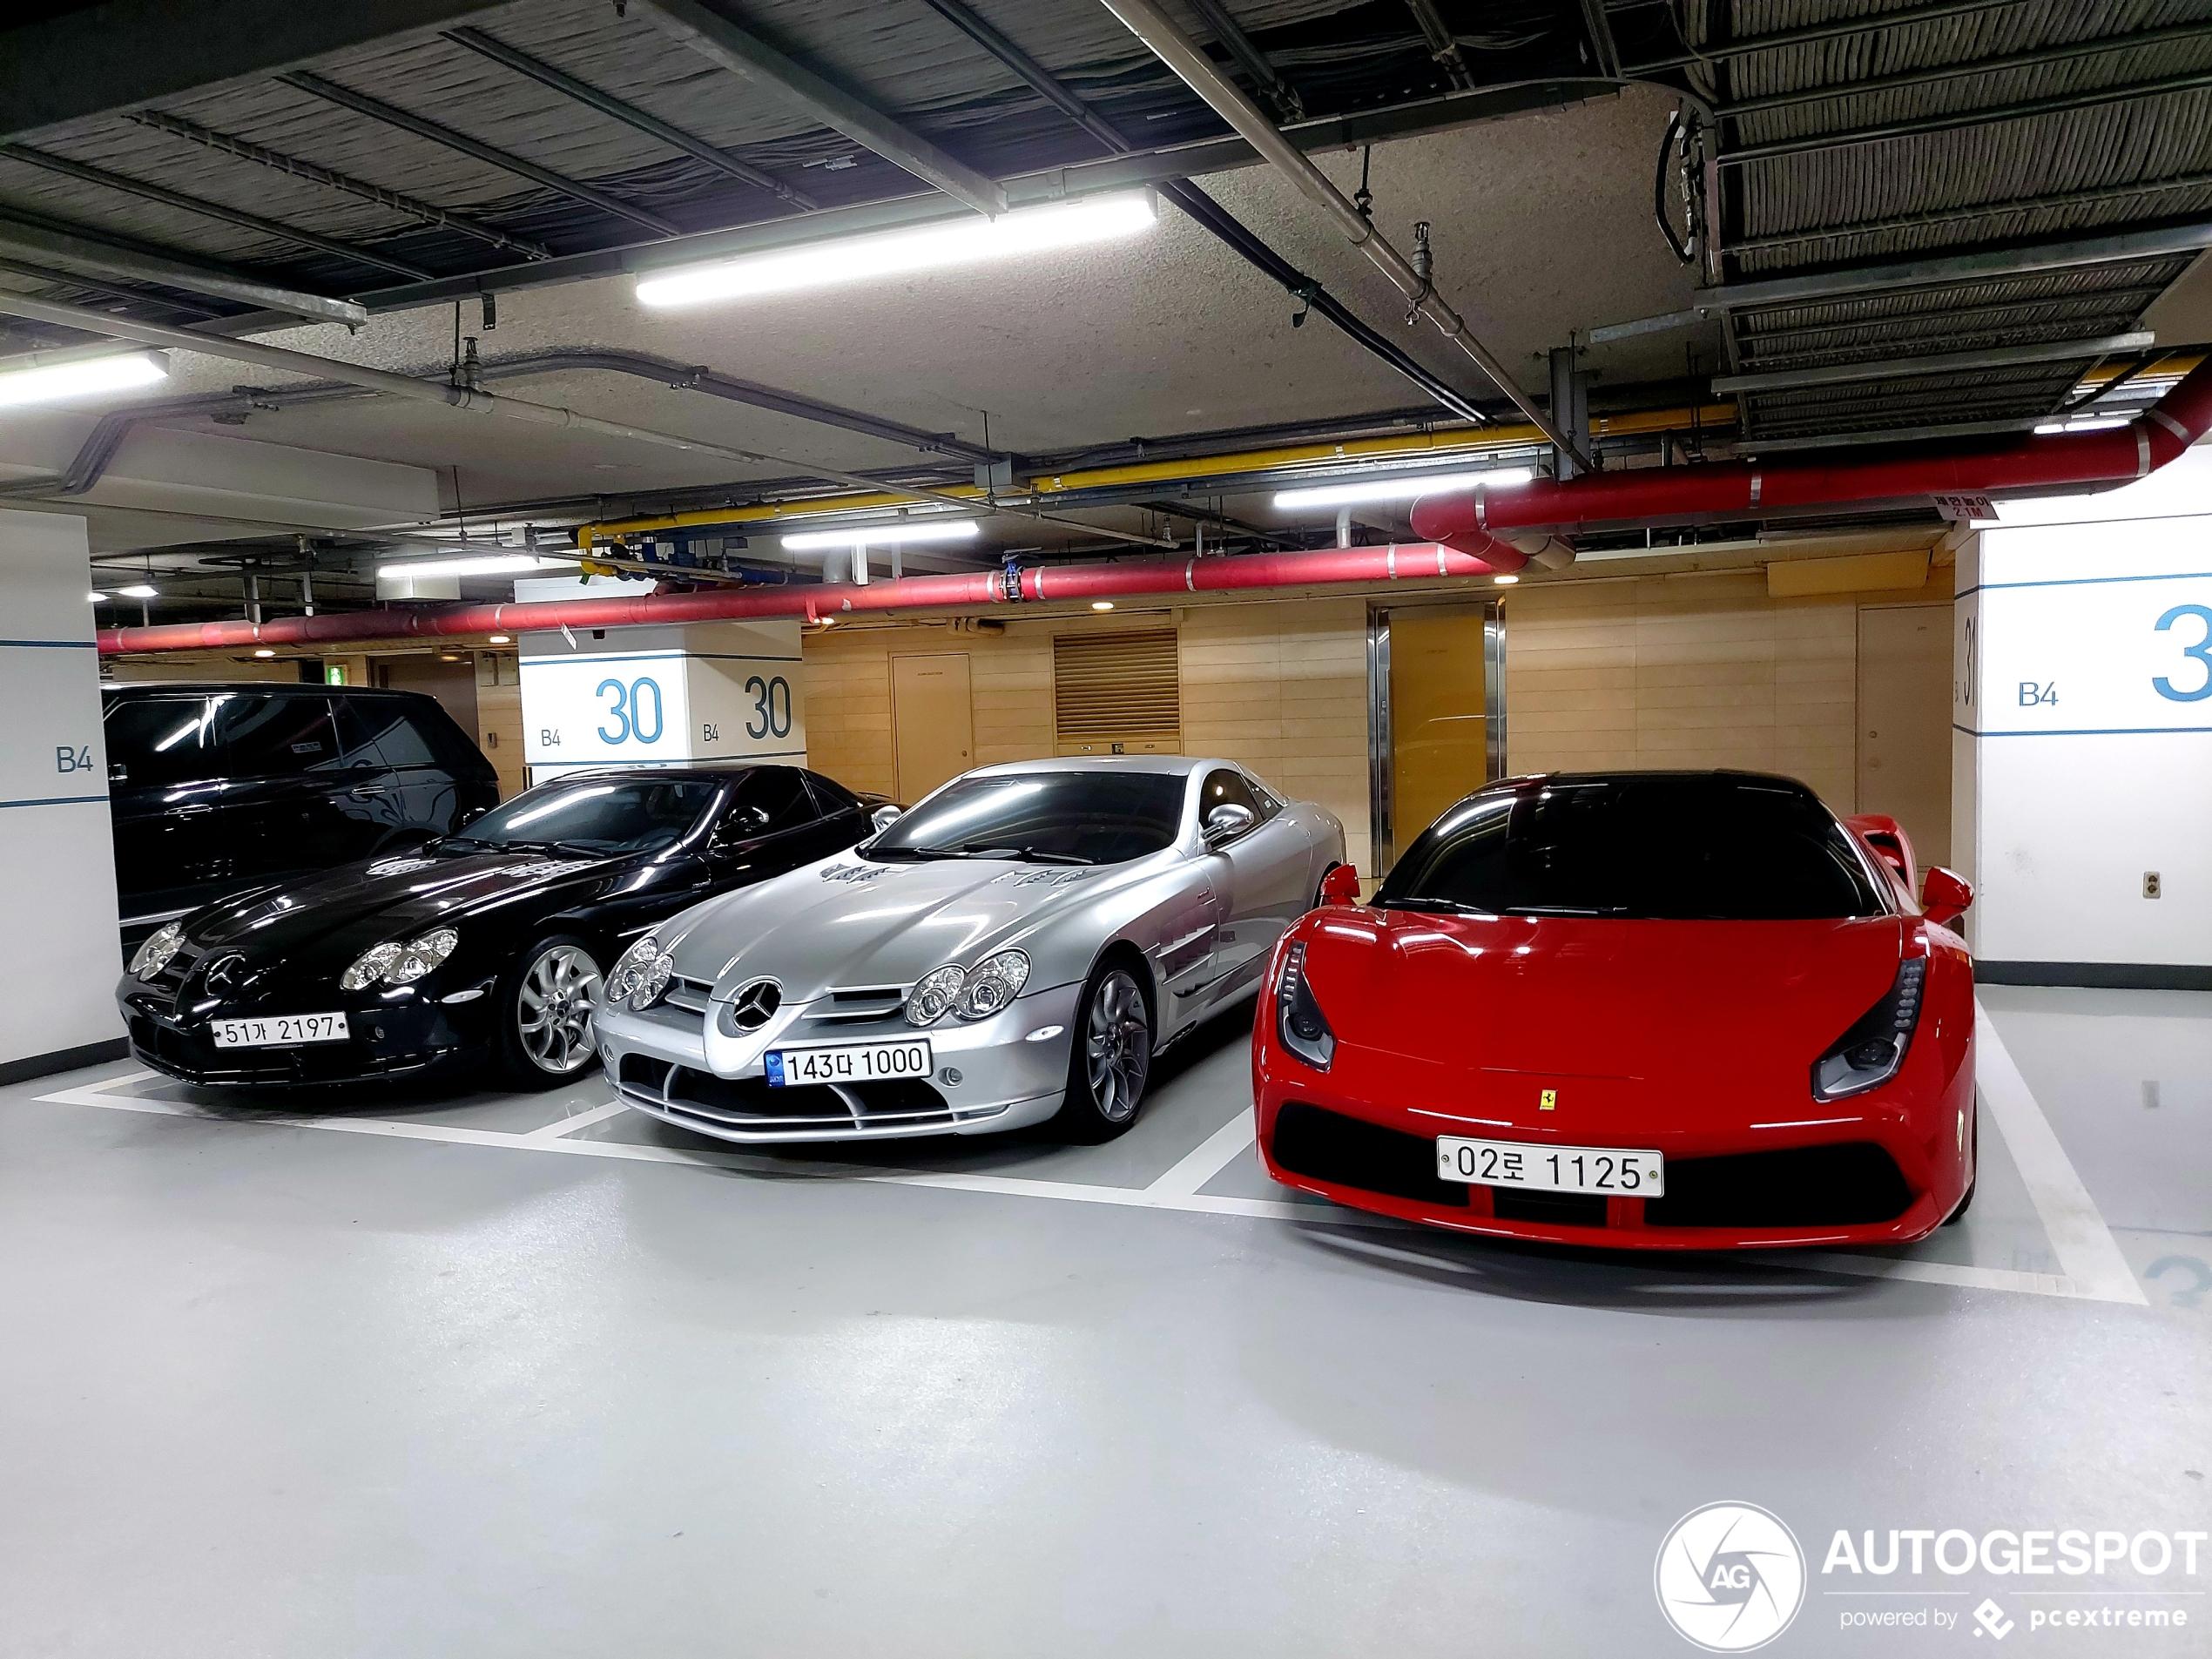 Seoul heeft onuitputtelijke garages vol met exoten